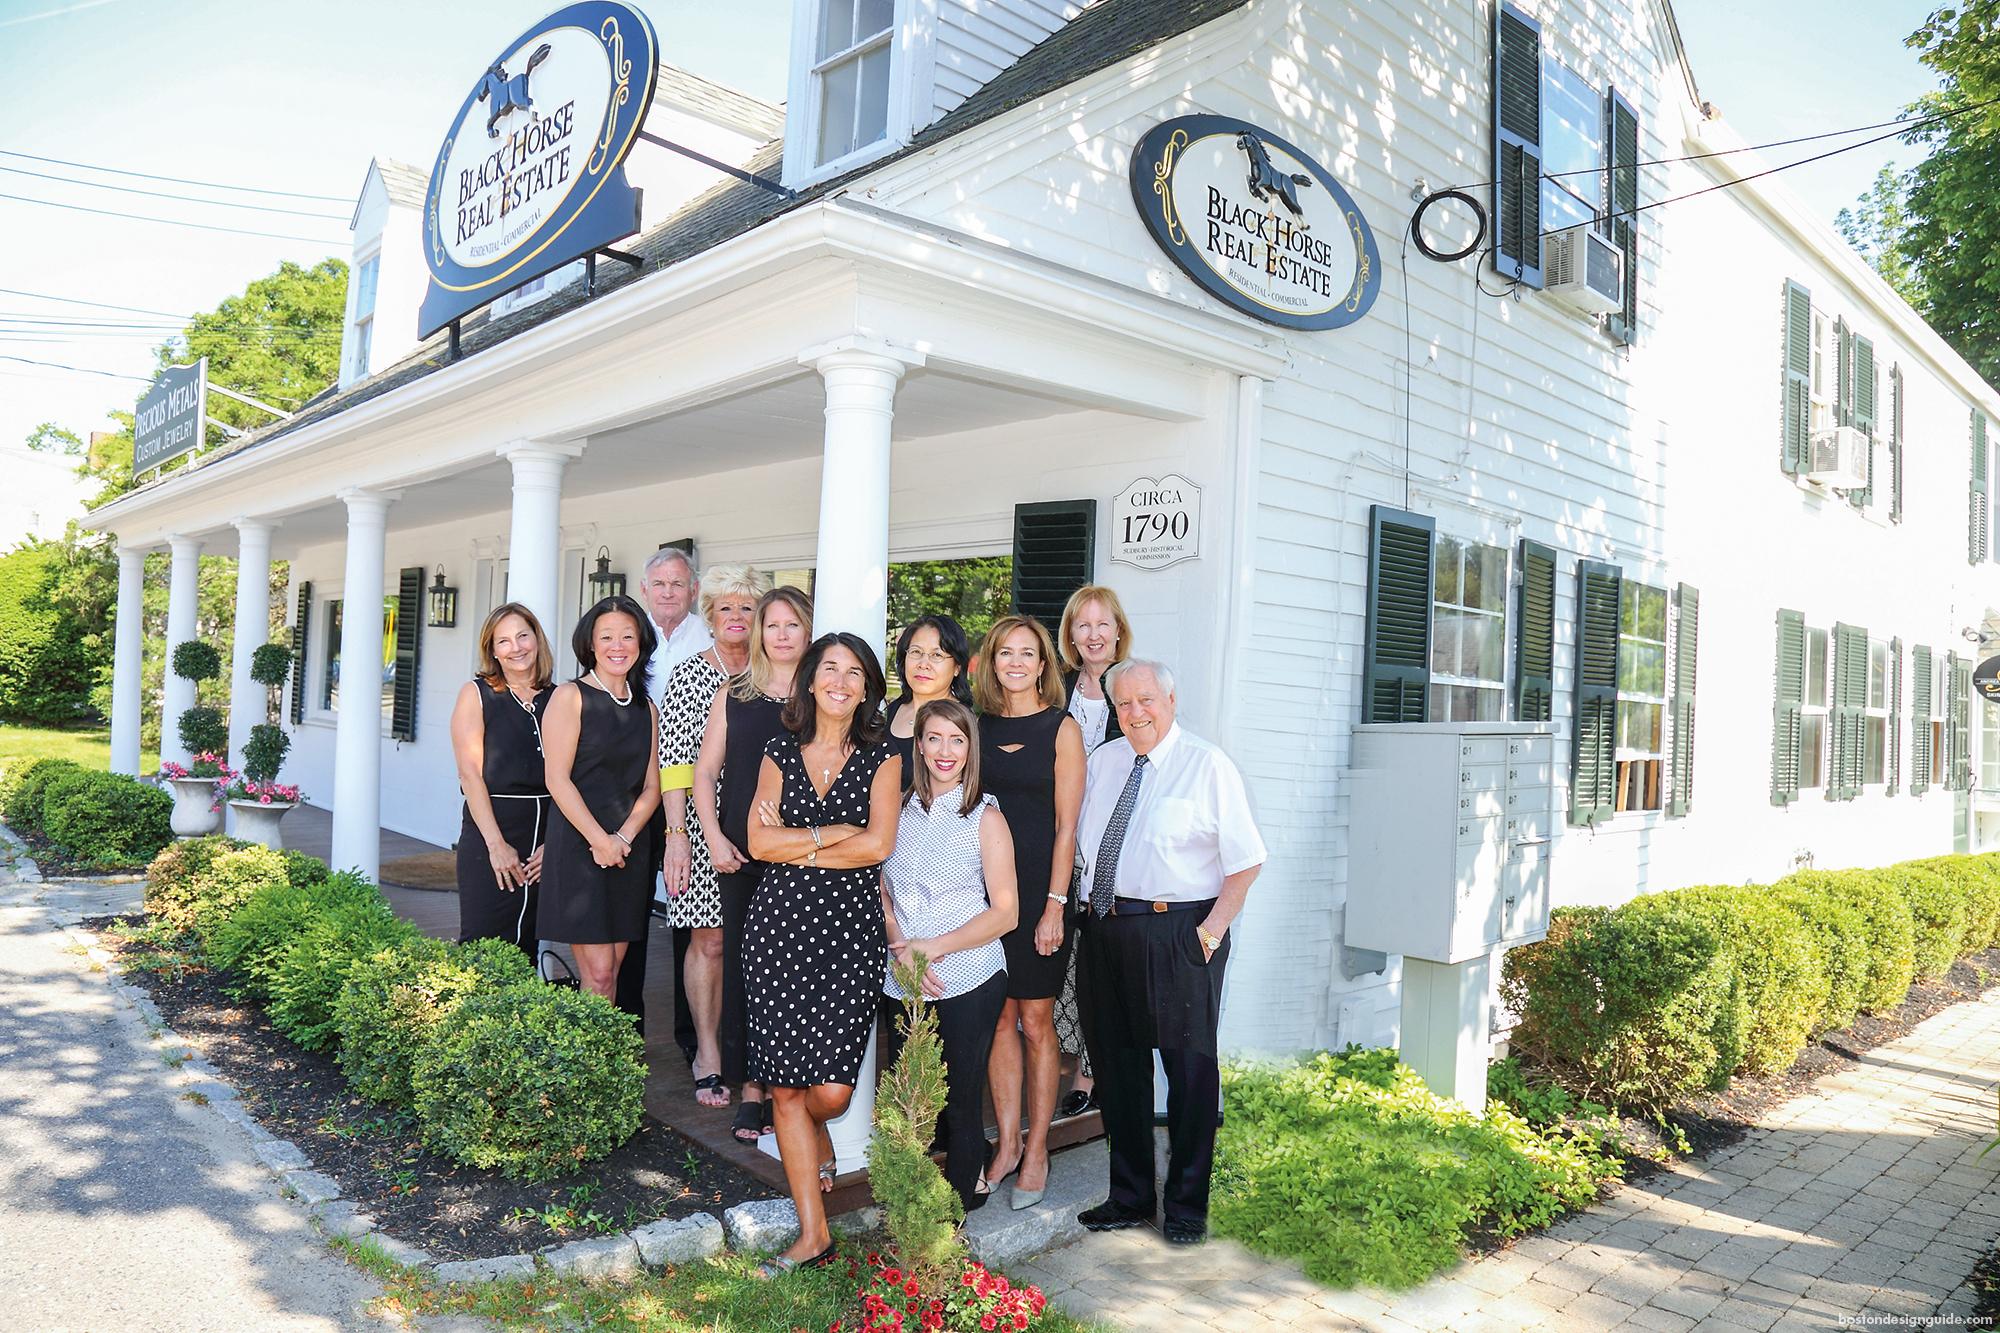 Black Horse Real Estate Inc Boston Design Guide